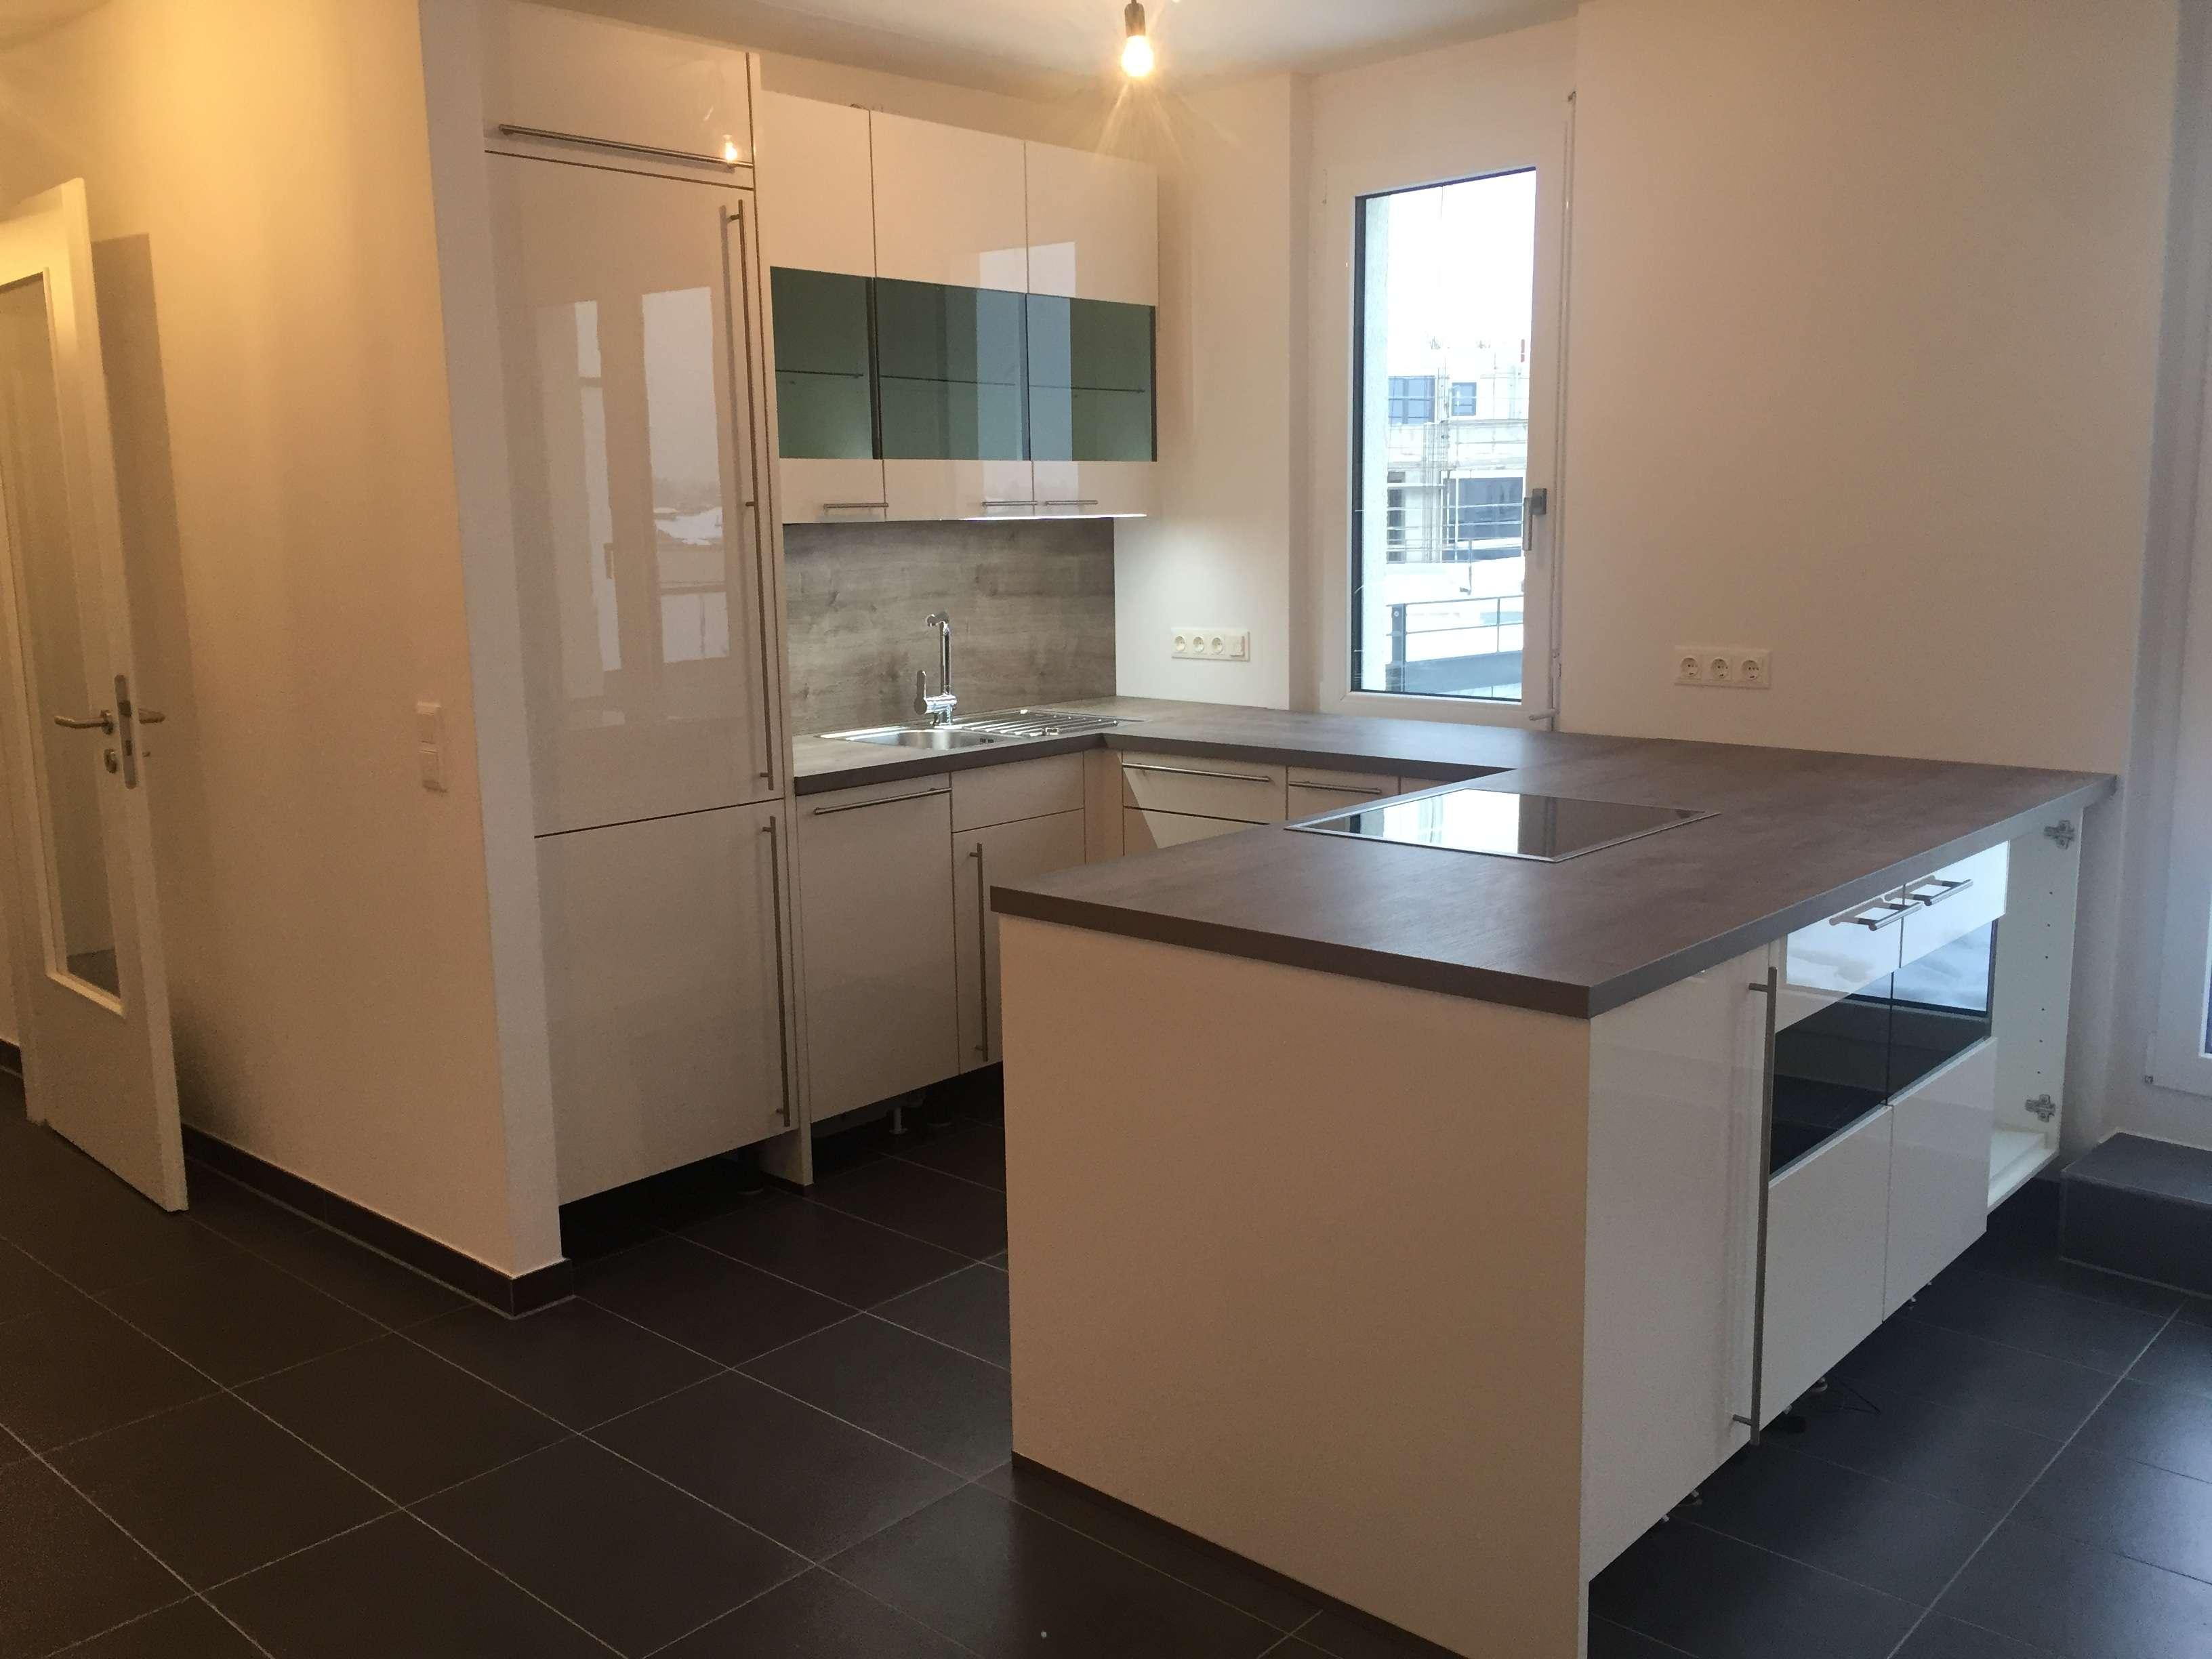 Dachterrasse - 3-Zimmer-Maisonette-Wohnung im Münchner Westen in Aubing (München)